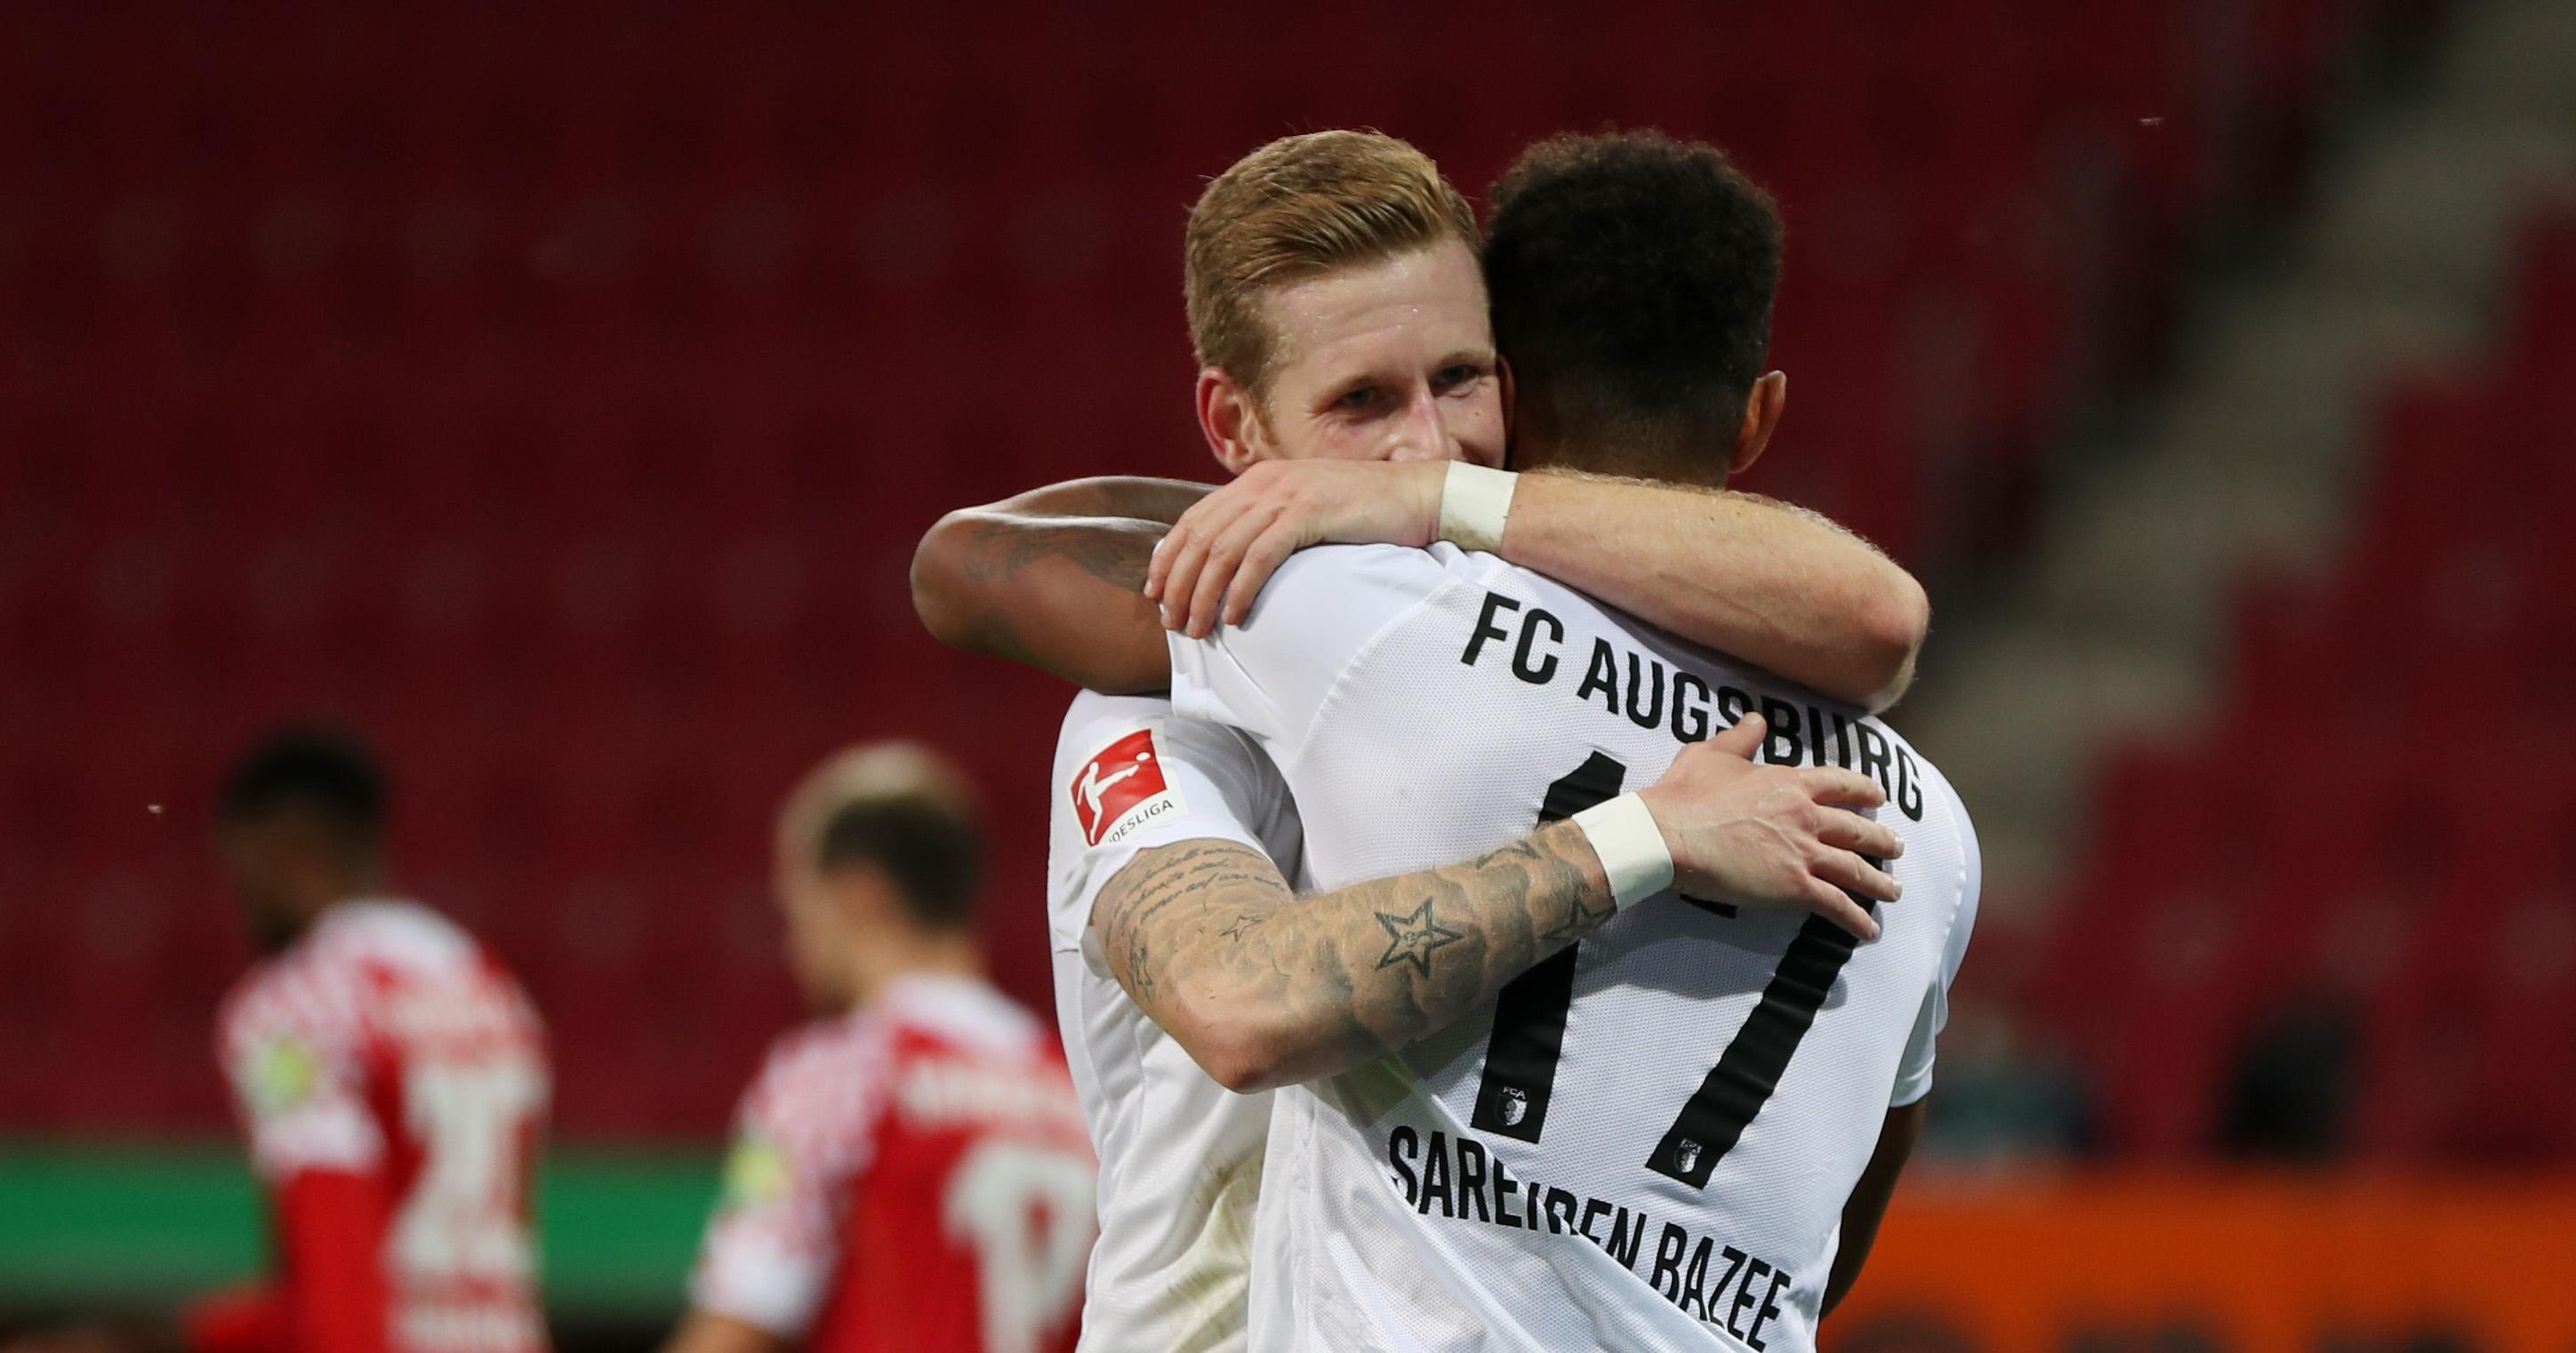 Отборът на Аугсбург се изкачи до четвърто място в Бунделсигата,